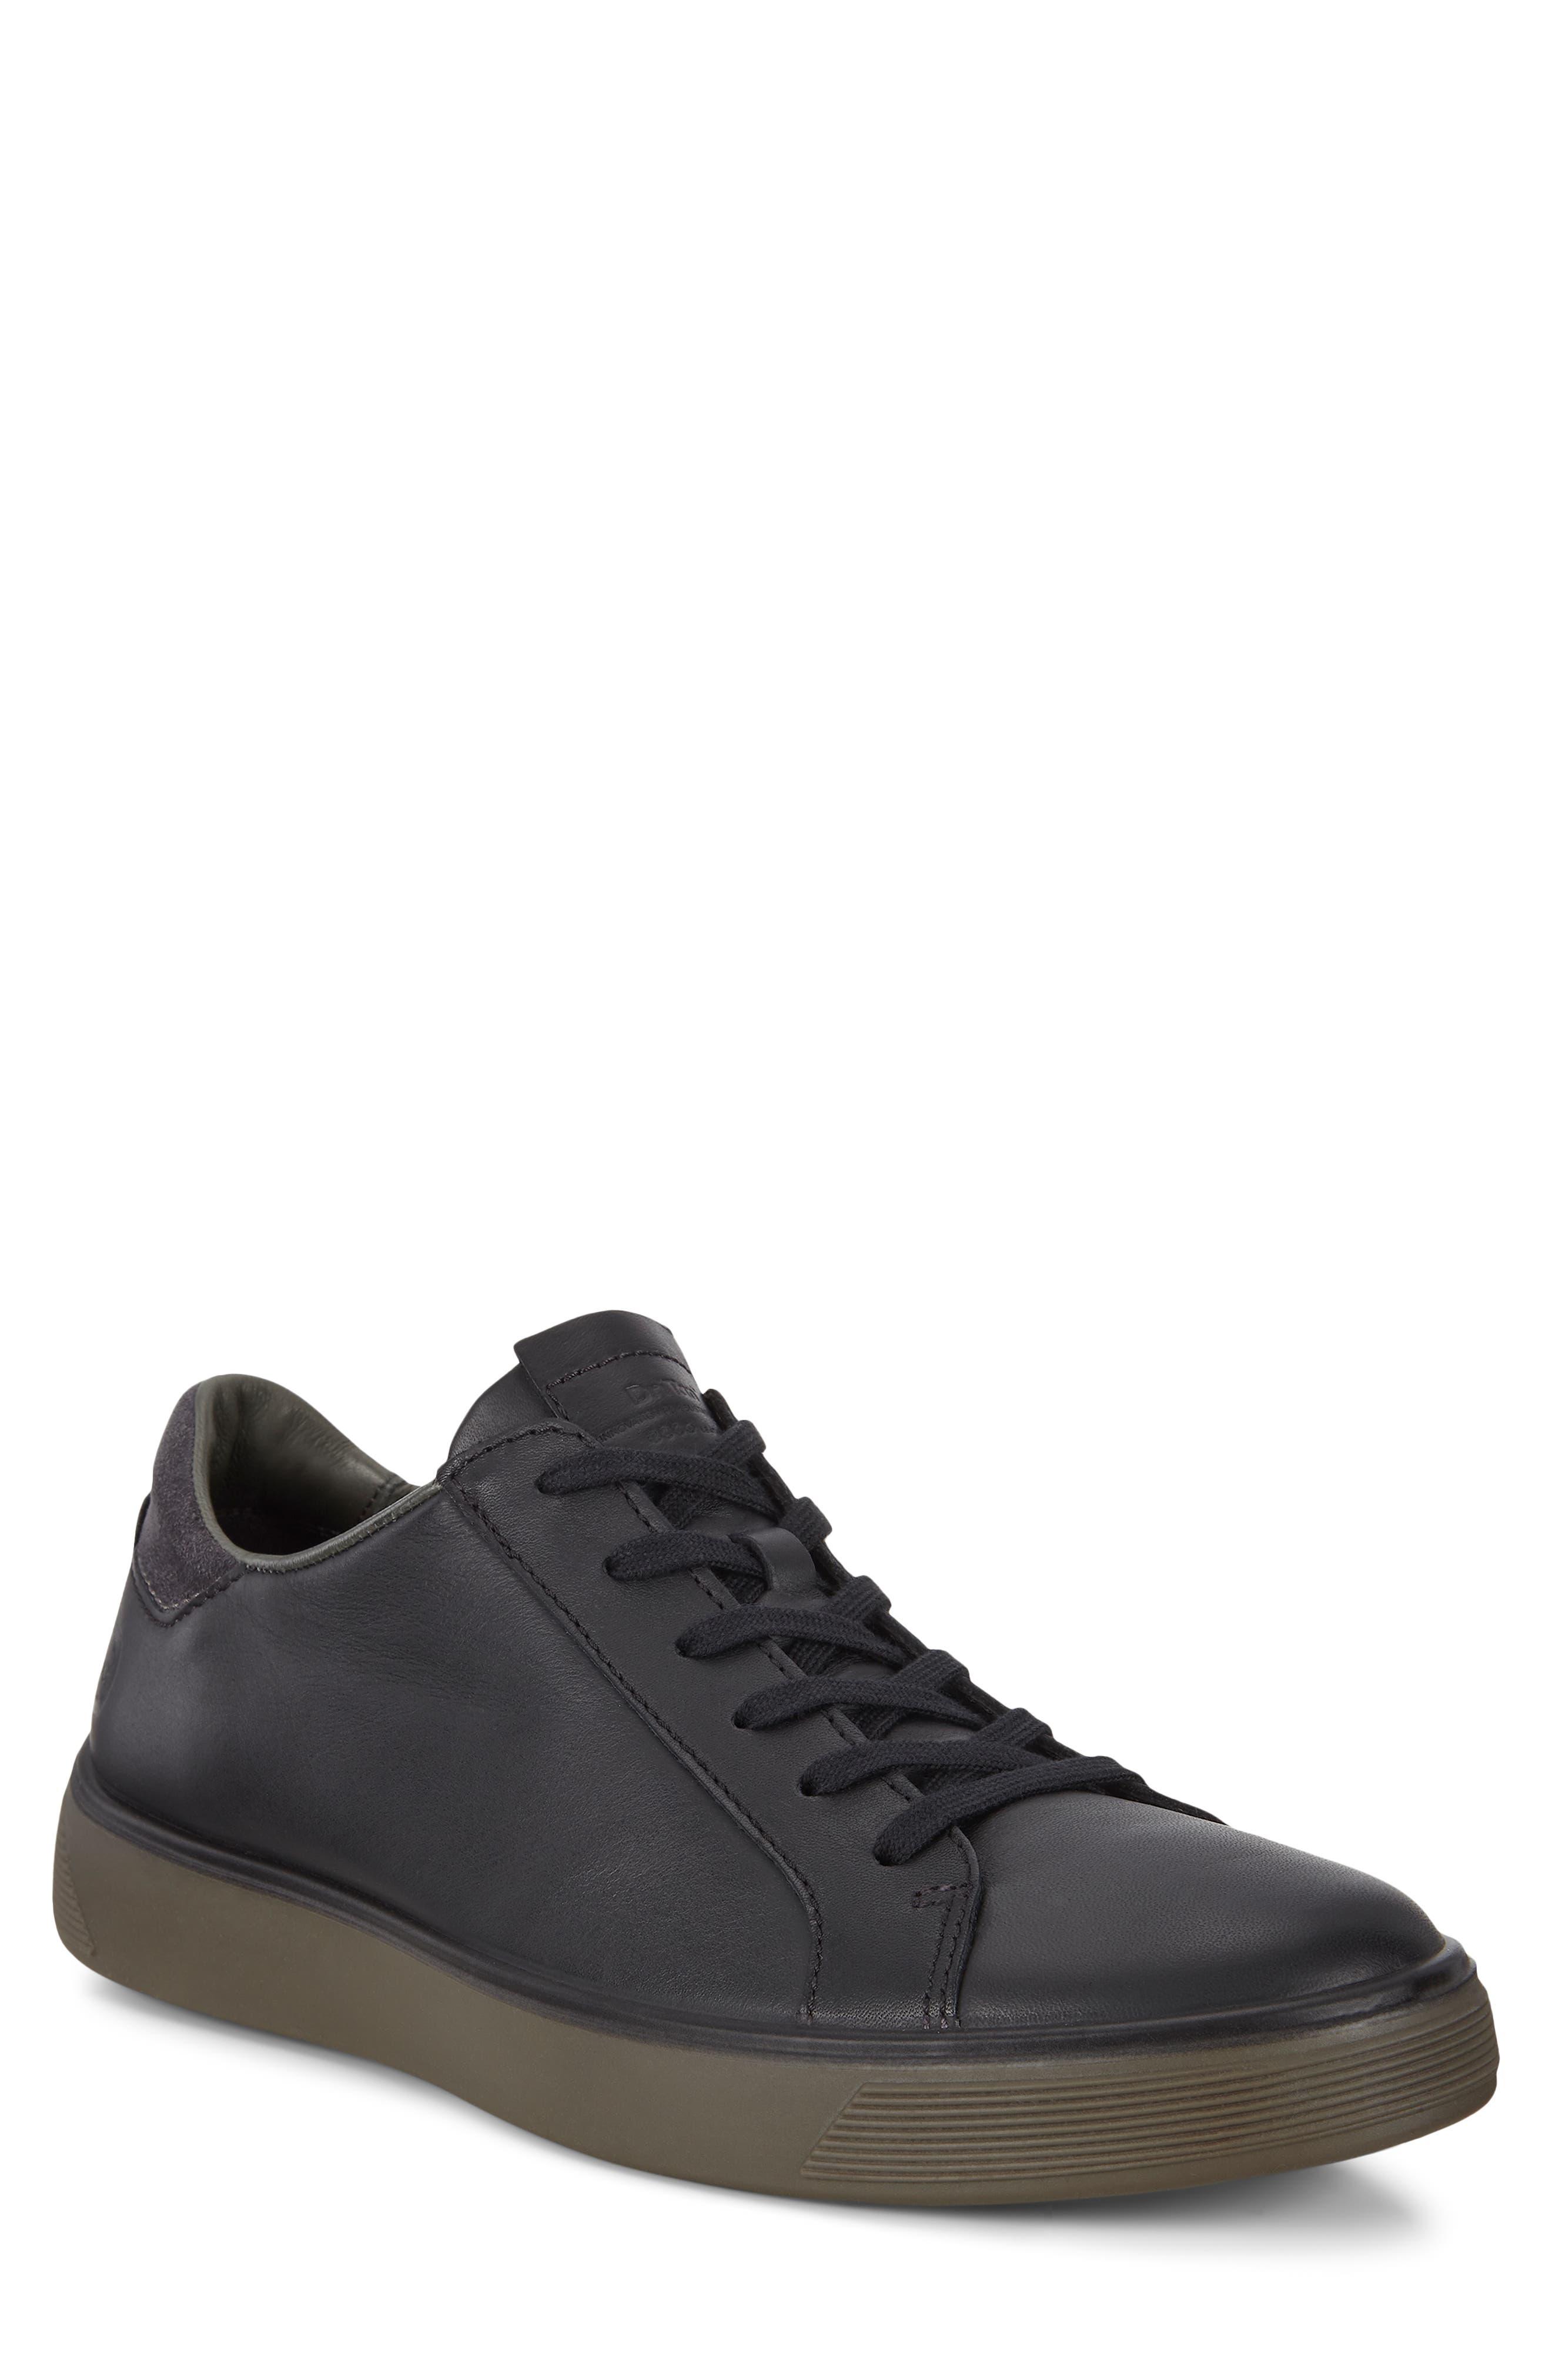 Men's Ecco Street Tray Sneaker